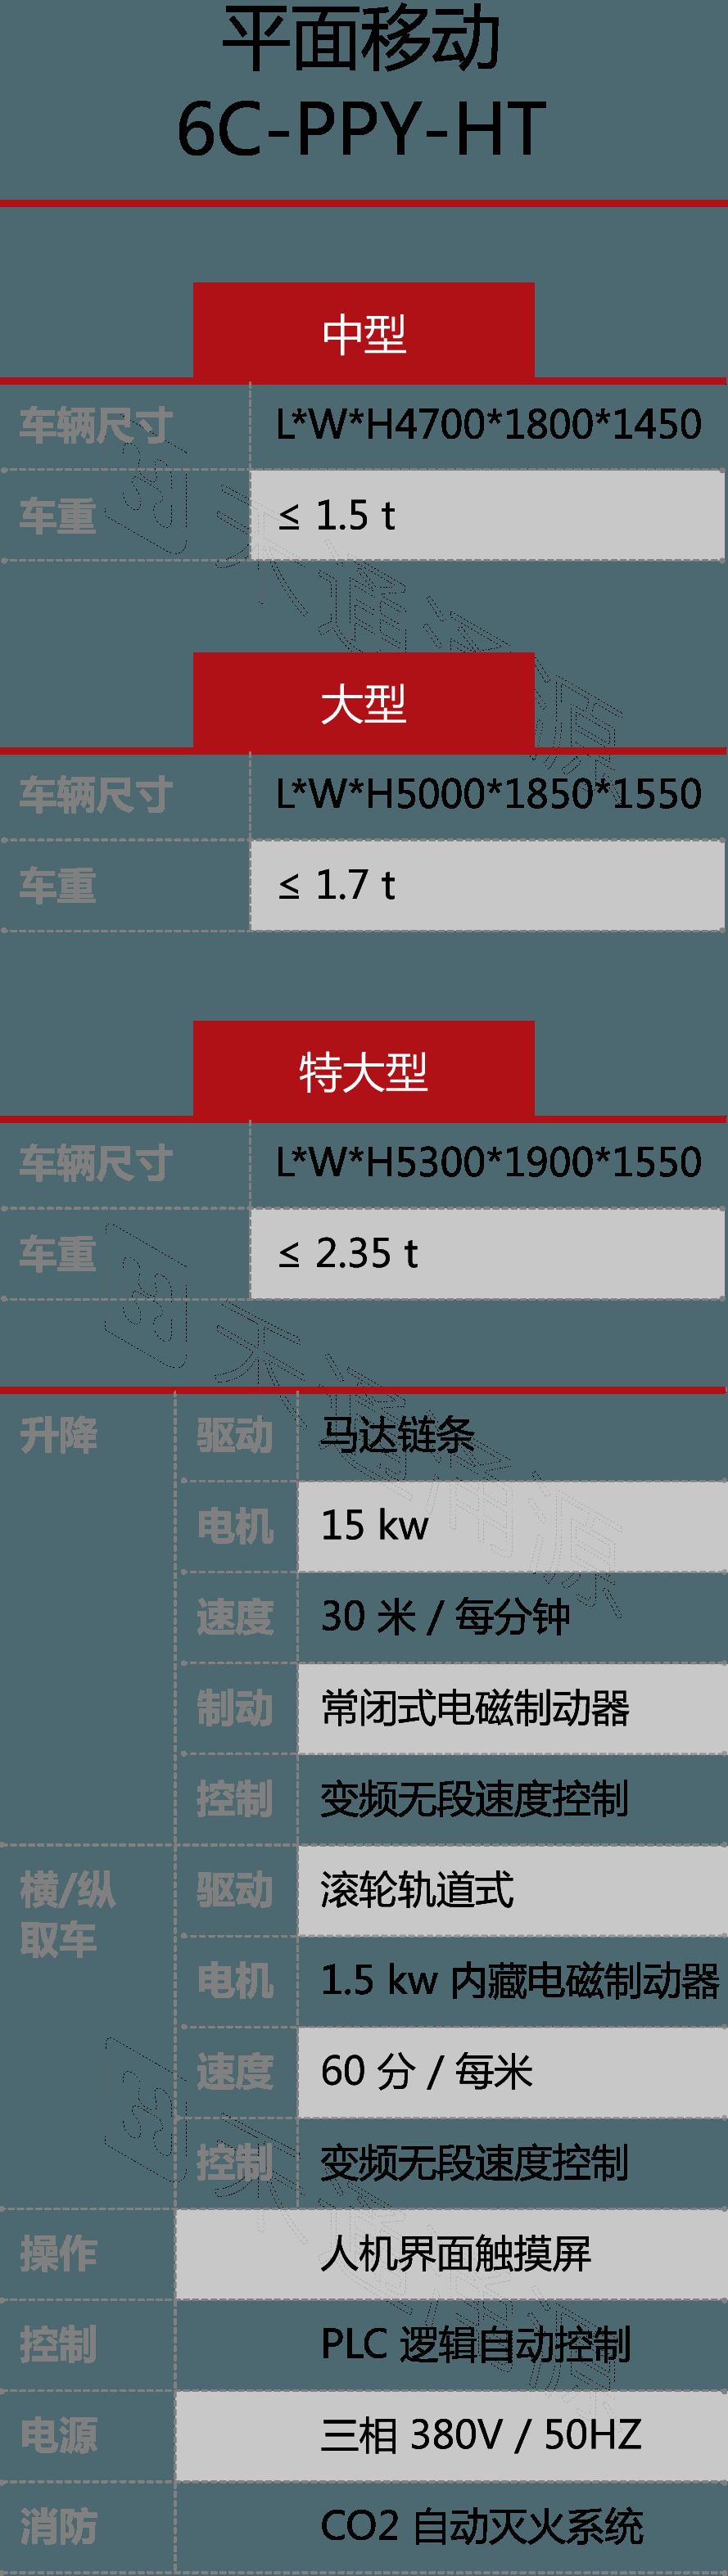 htw_卯兔-平面移动S-技术参数